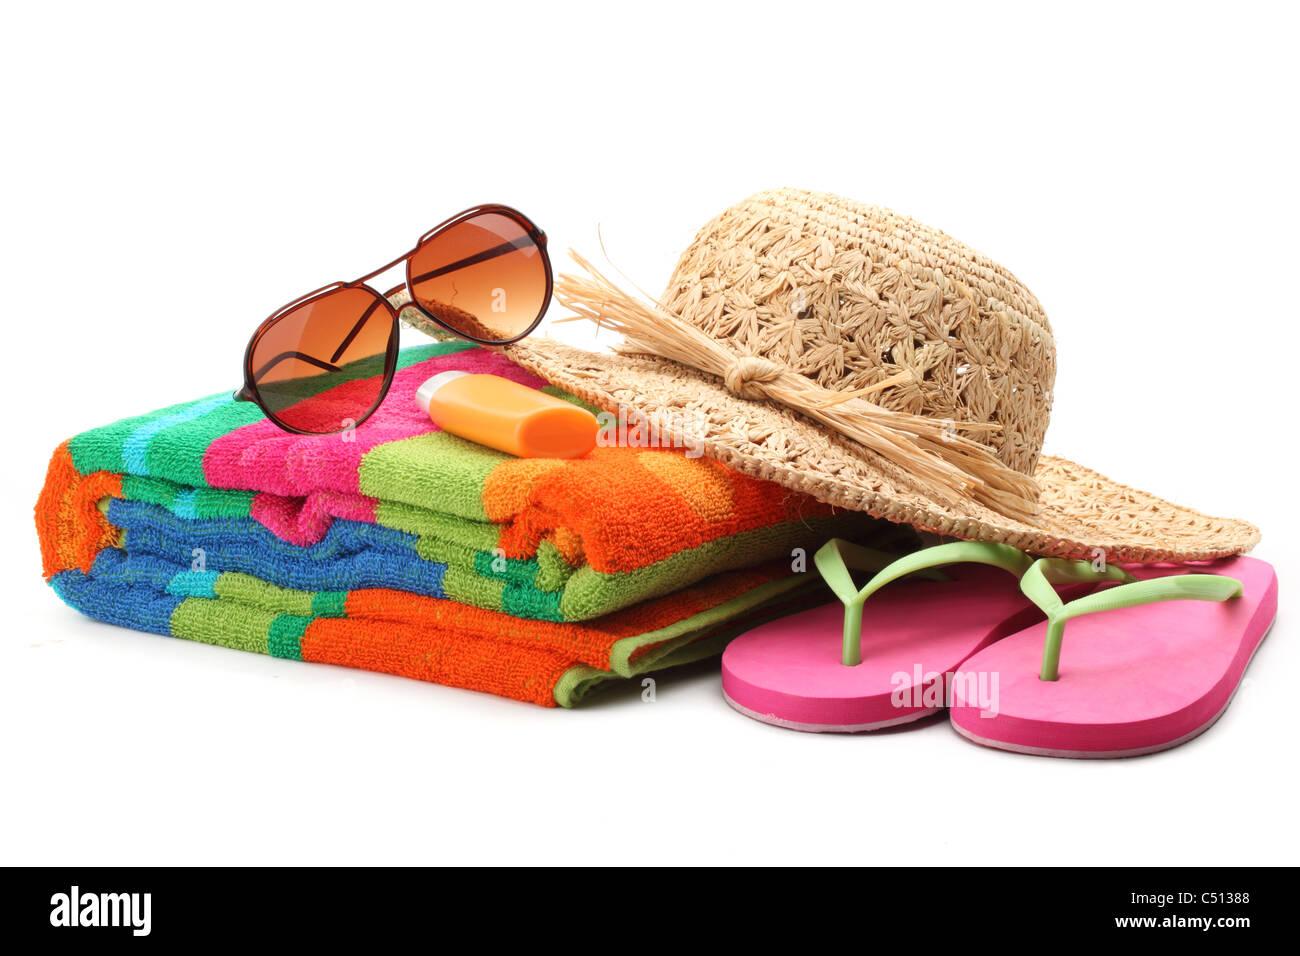 Elementi di spiaggia con cappello di paglia,asciugamano,infradito e occhiali da sole.isolati su sfondo bianco. Immagini Stock